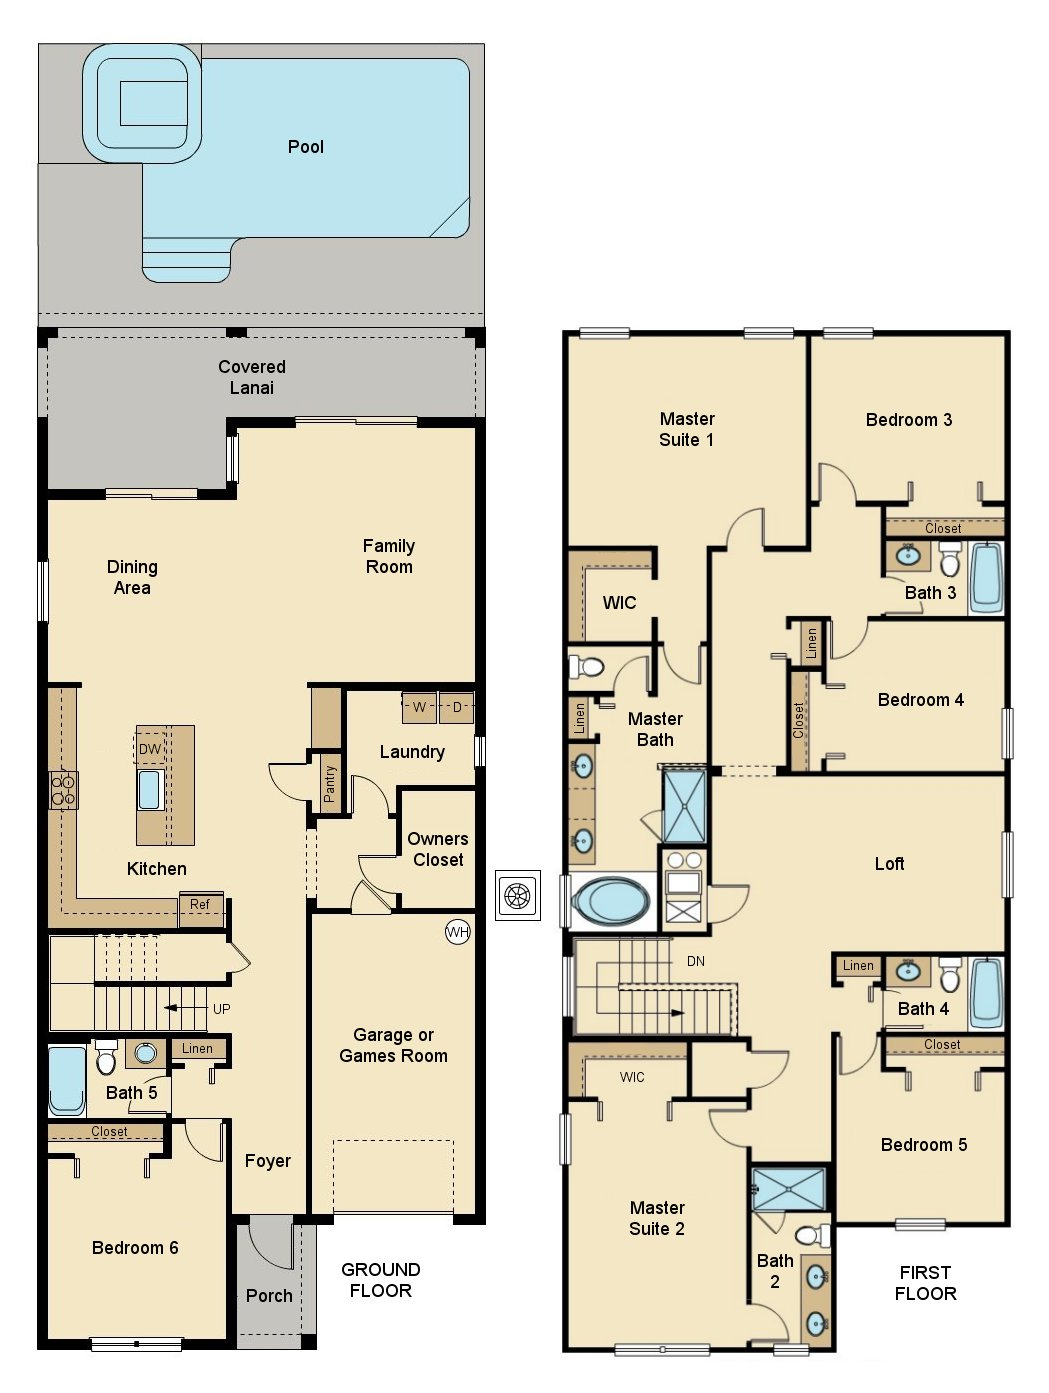 Majesty Palm 3 Floorplan